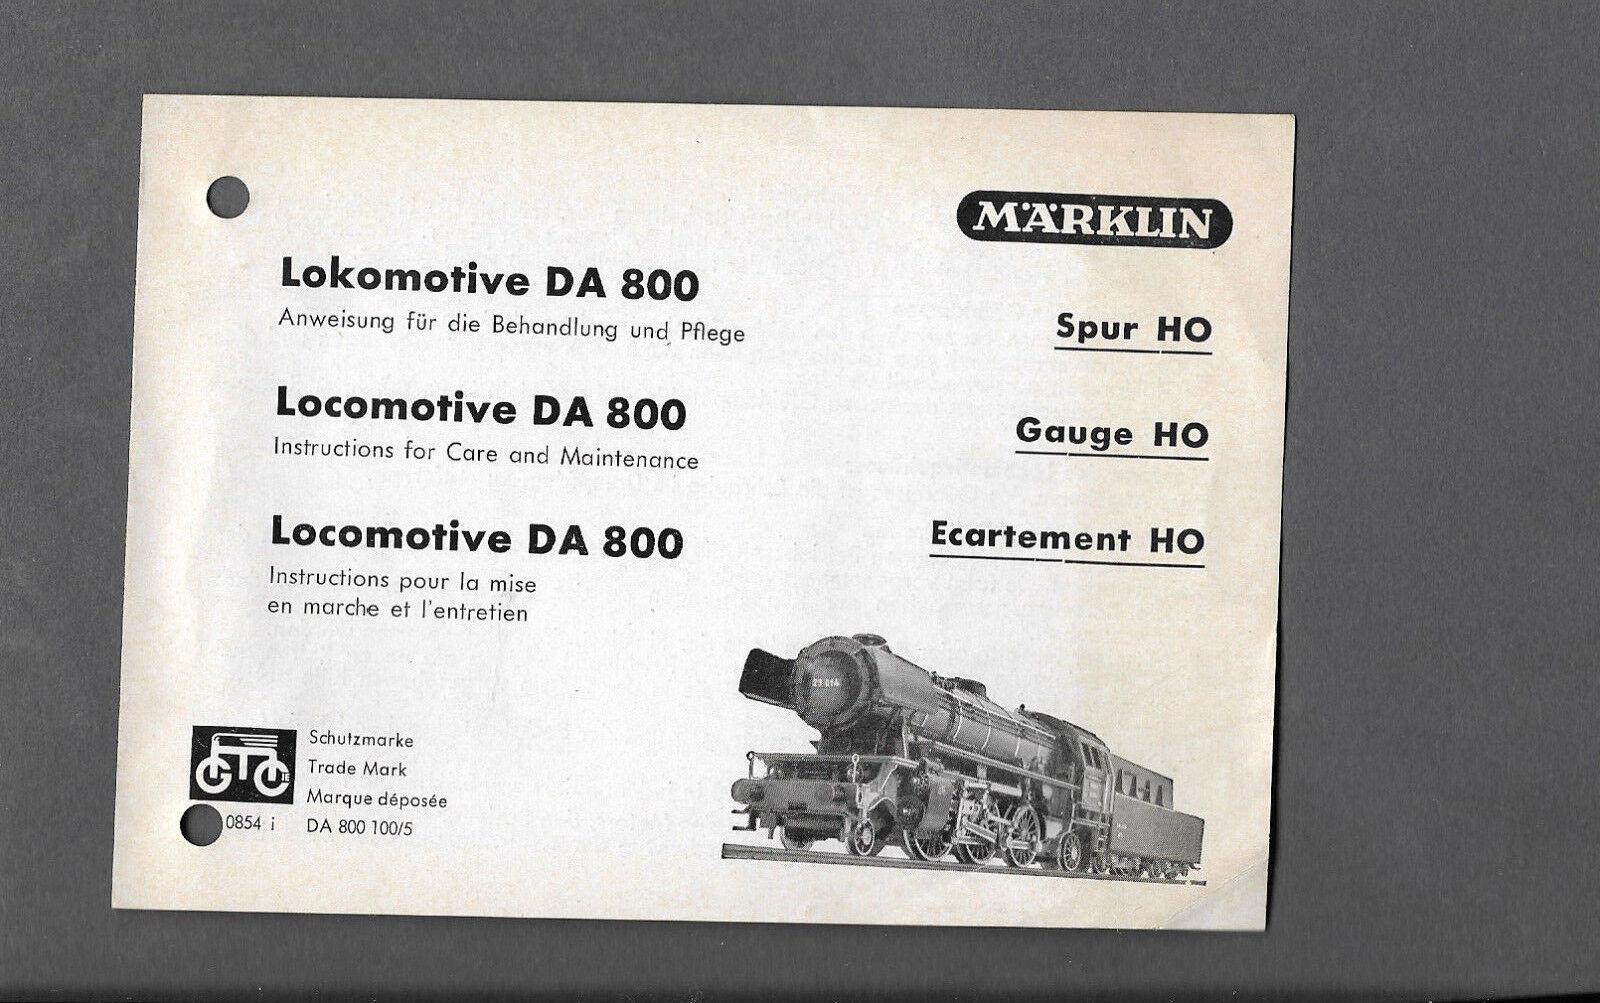 Istruzioni per la locomotiva di poiché 800 Märklin h0 di locomotiva 1954 1. esecuzione fffd8f